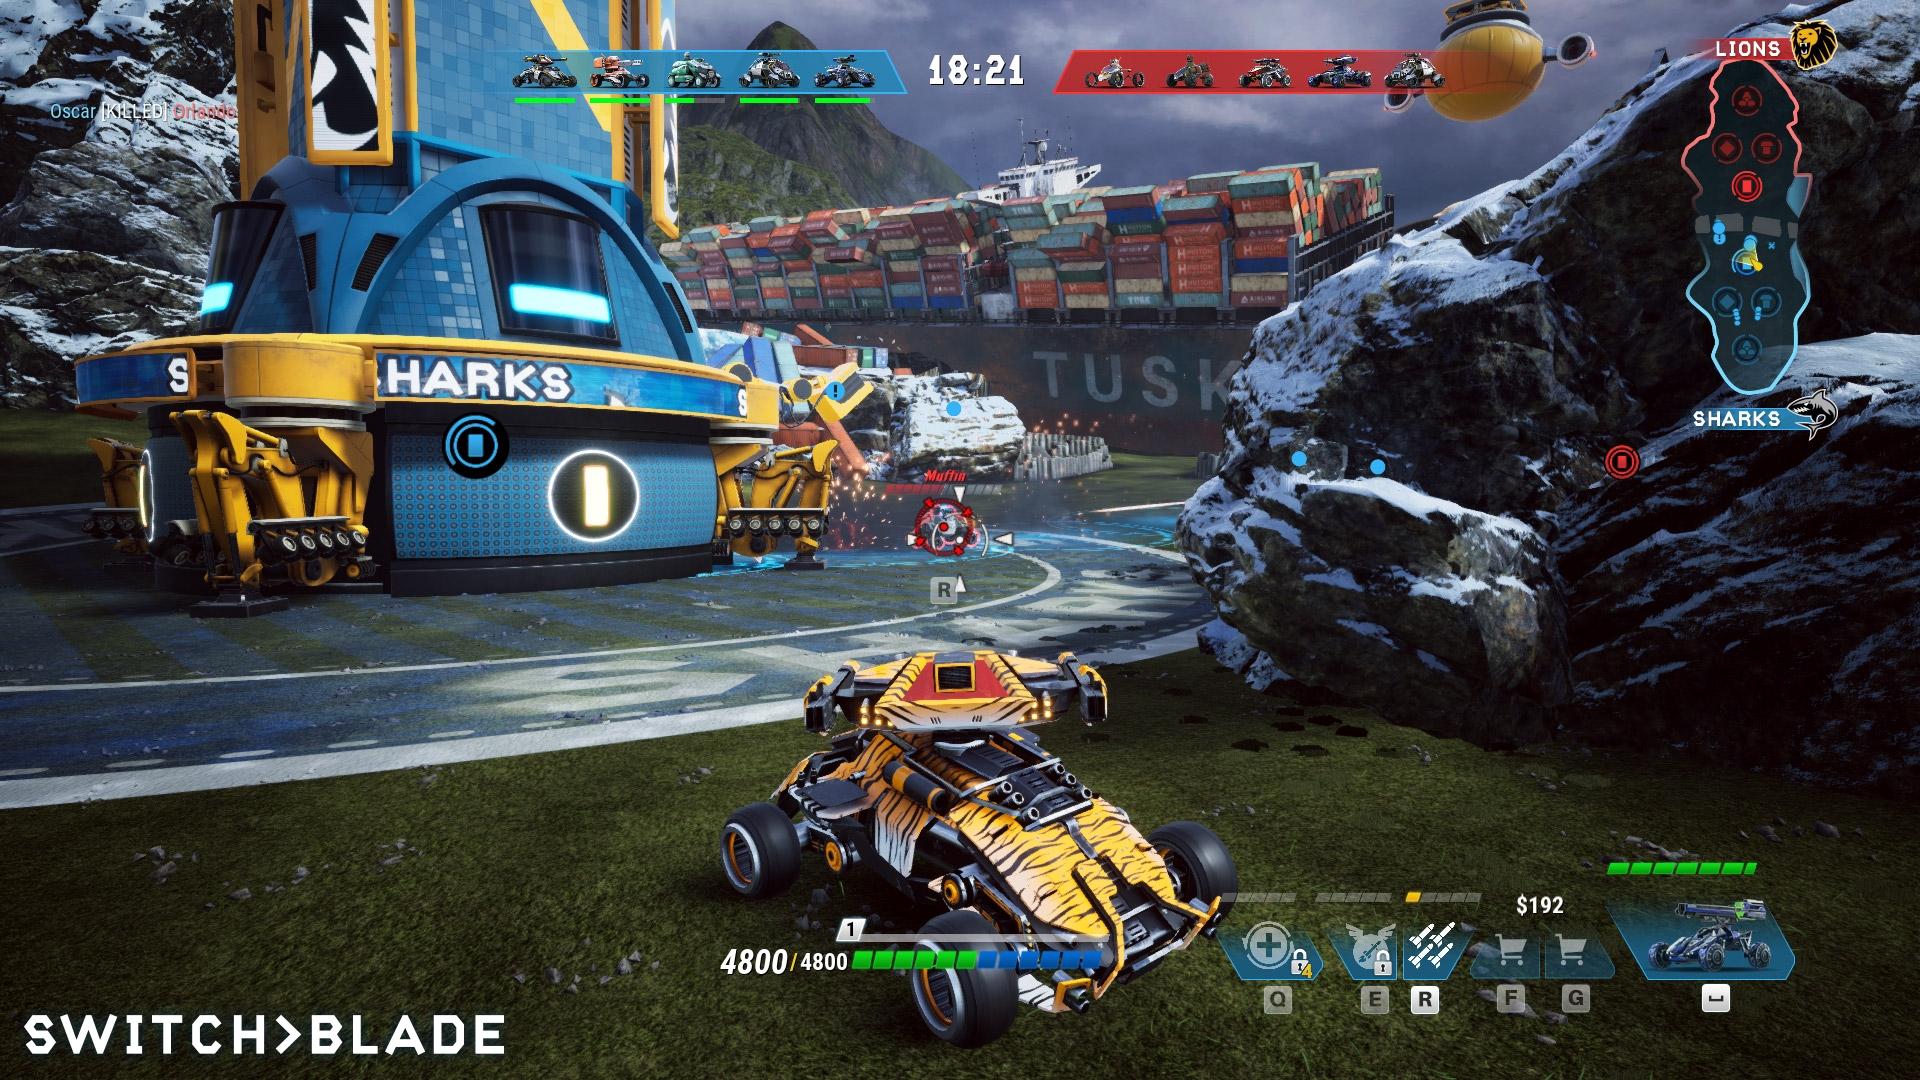 Switchblade screenshot 2